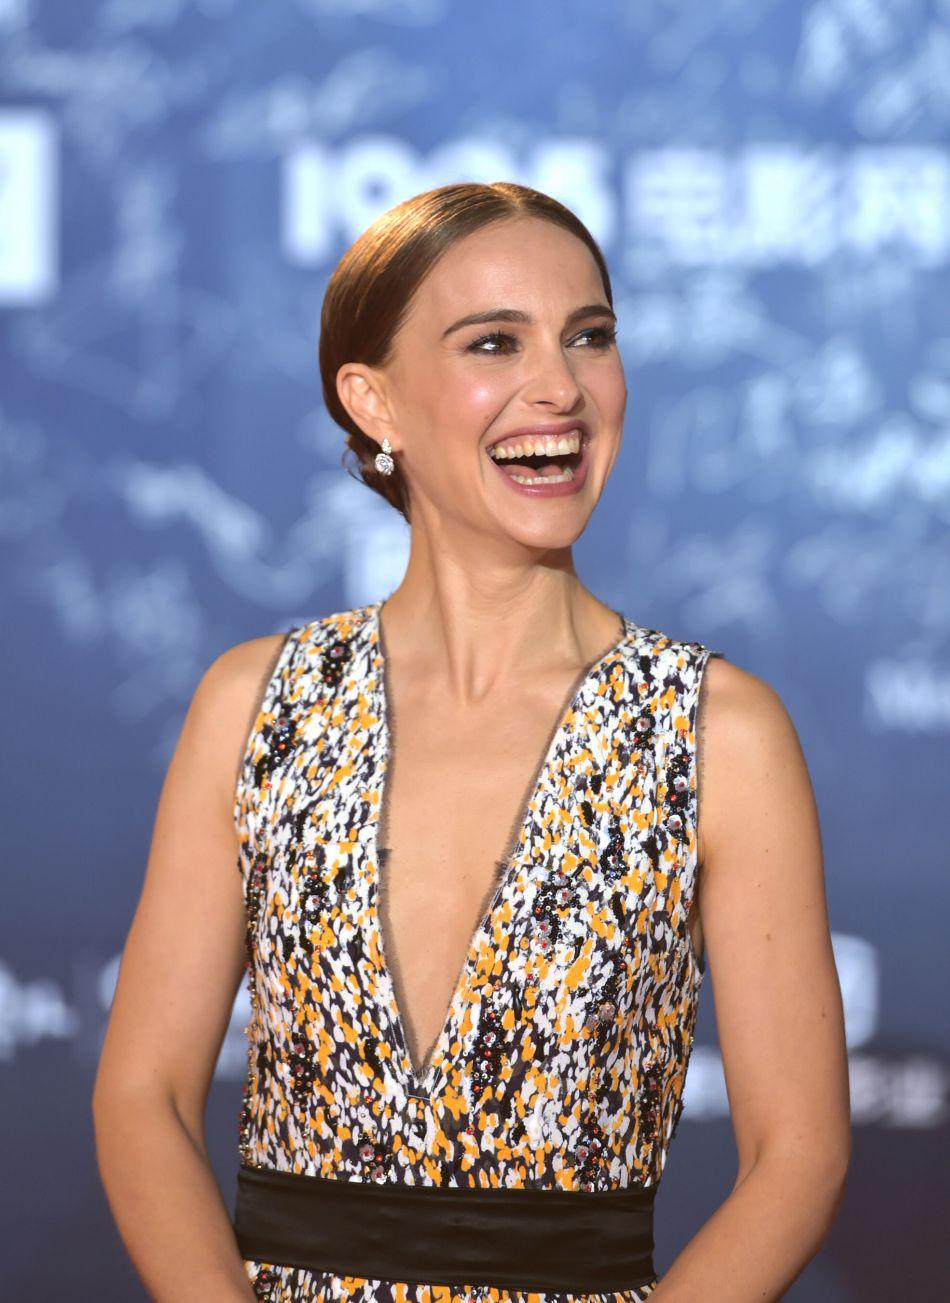 En plus de son rôle d'actrice internationale, Natalie Portman doit assurer son statut de maman.